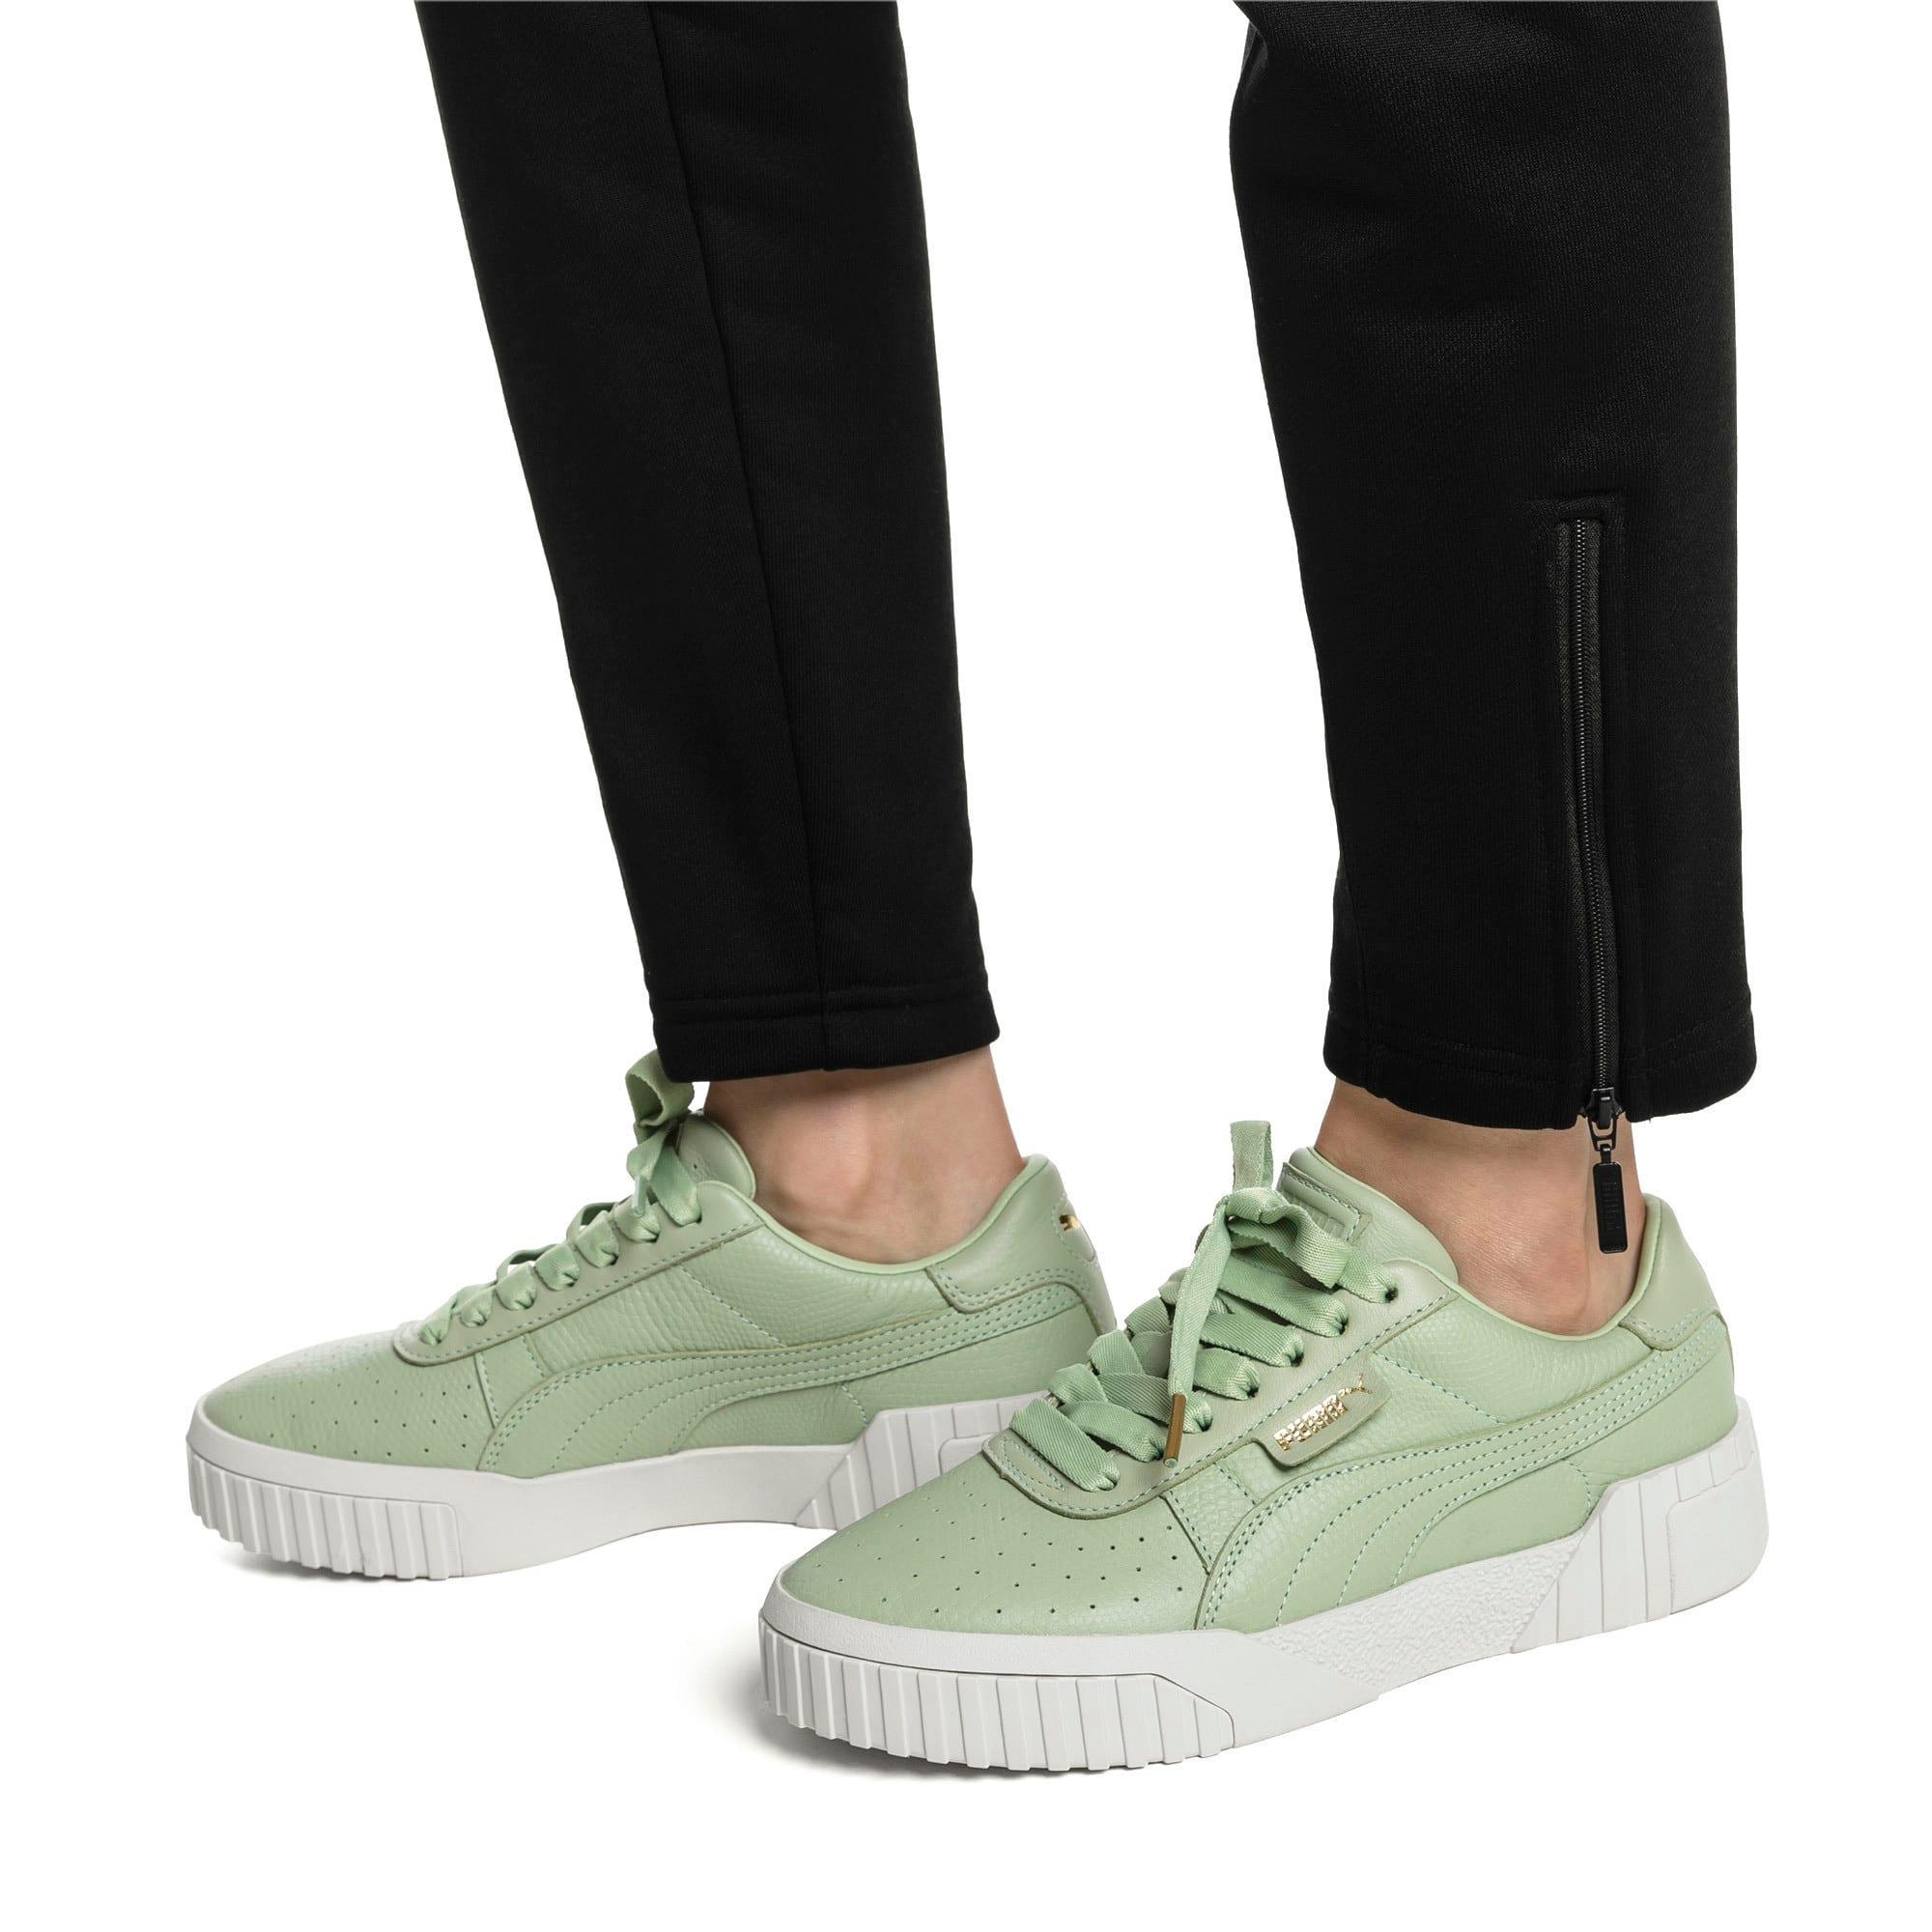 Thumbnail 2 of Cali Emboss Women's Sneakers, Smoke Green-Smoke Green, medium